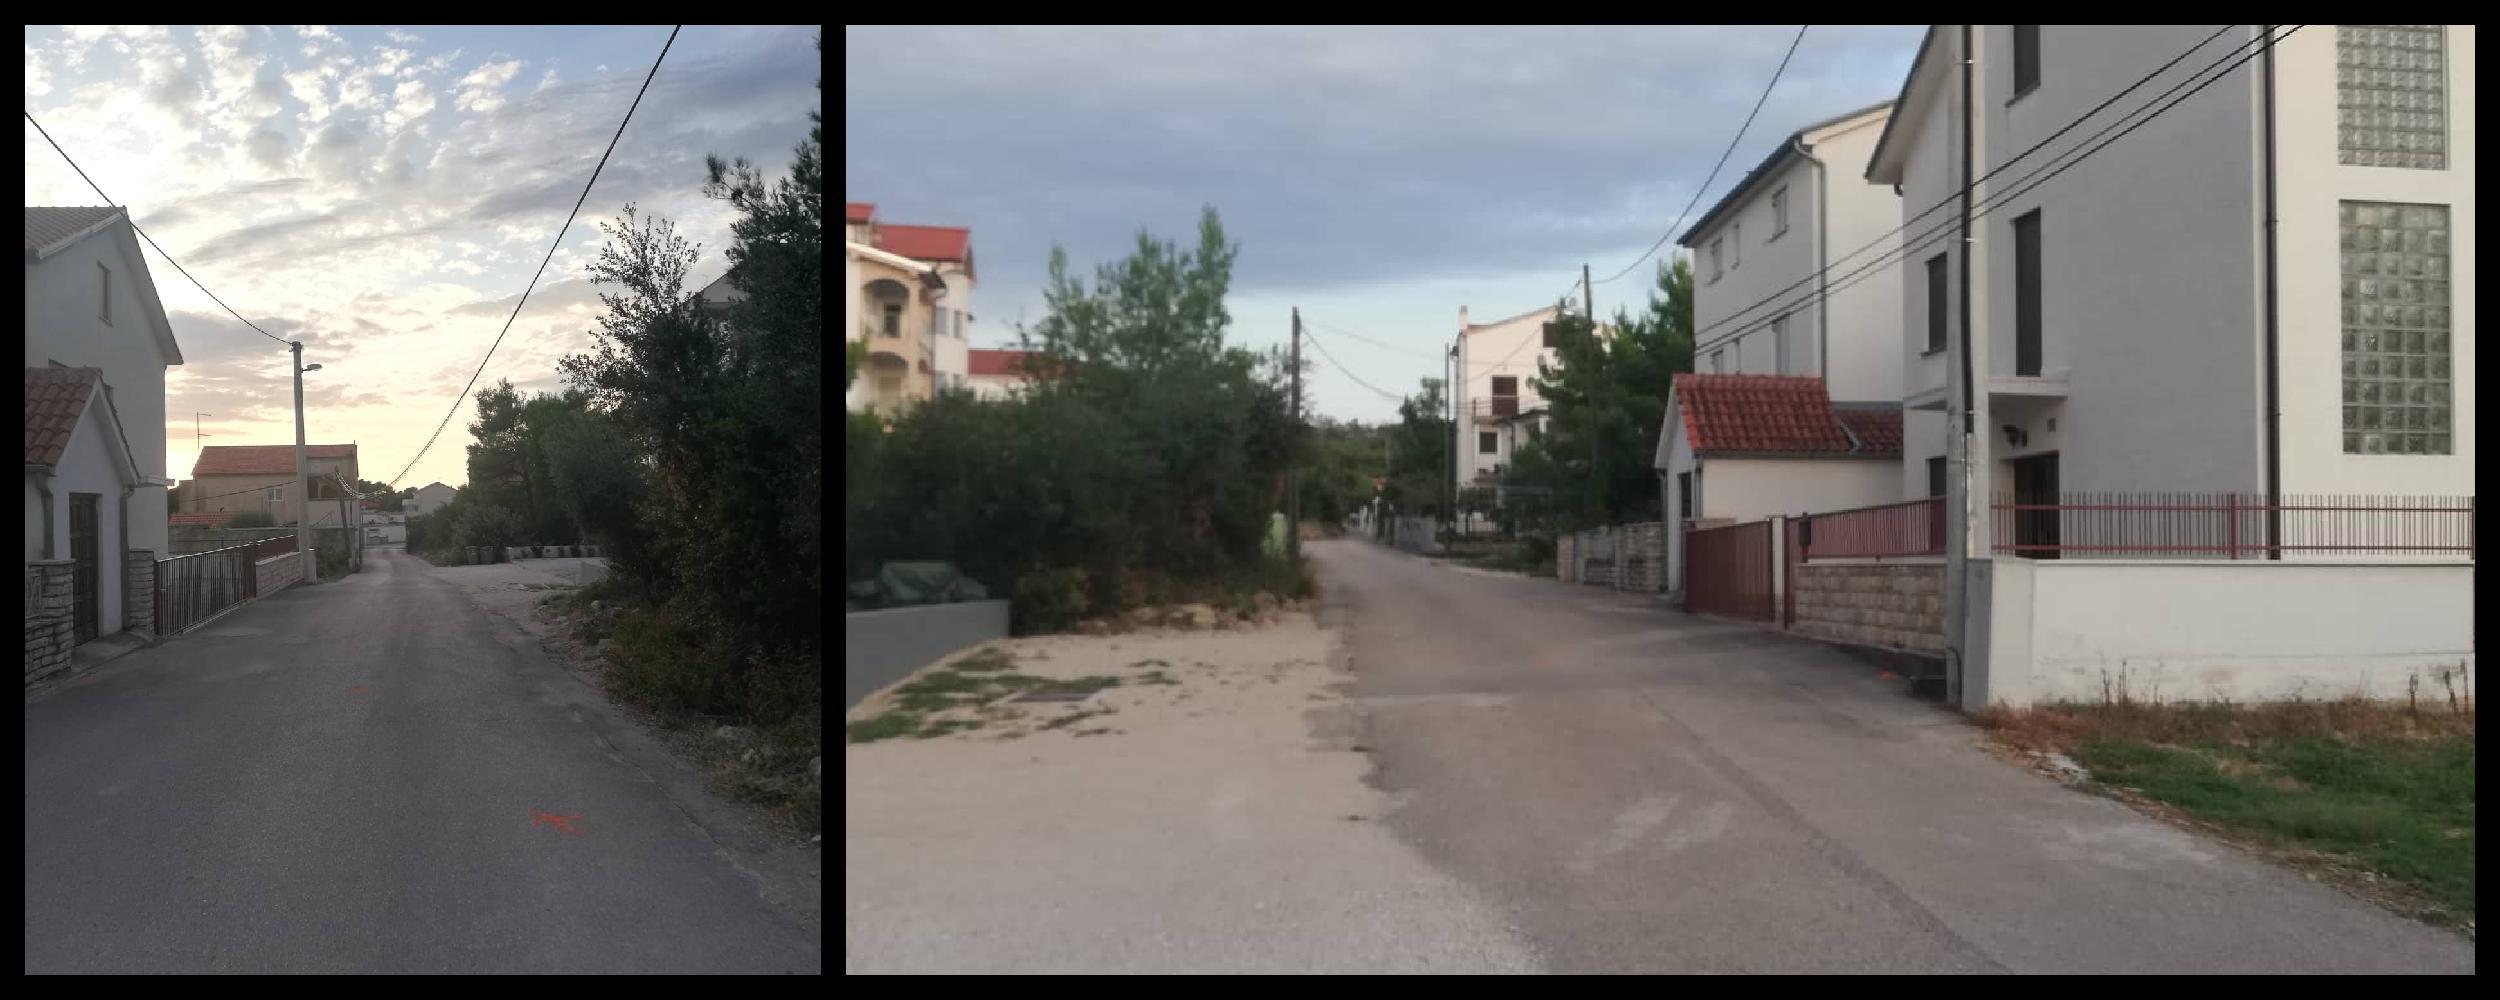 Hrvatski Telekom ignorira kvar već 3 mjeseca?